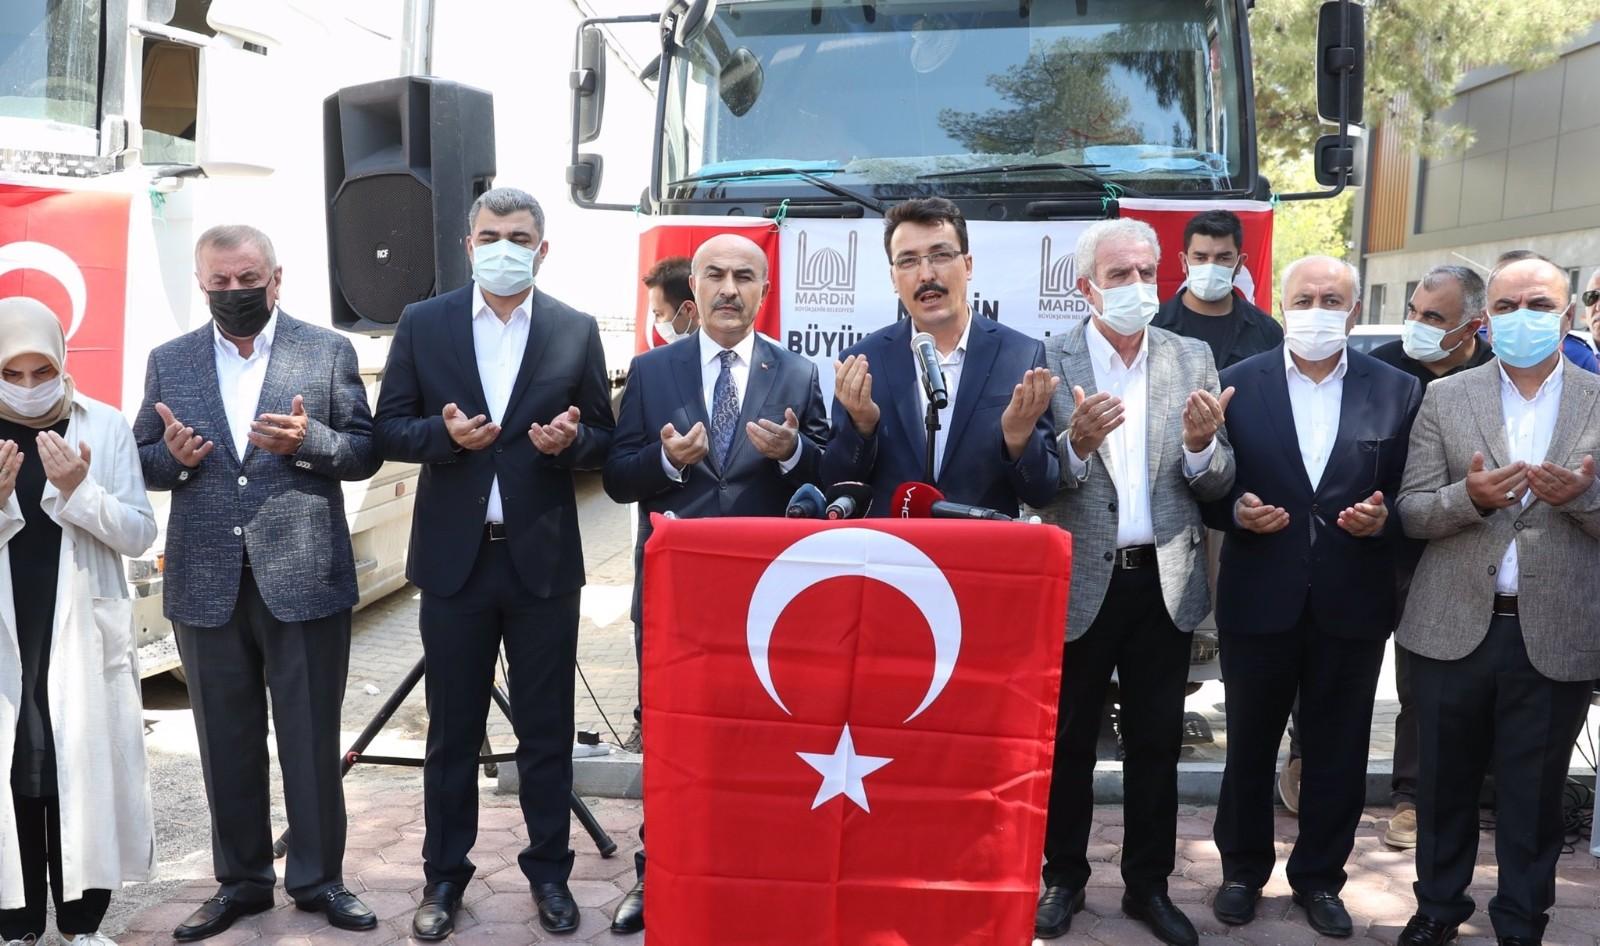 Mardin'den ihtiyaç malzemeleriyle dolu 17 tır Kastamonu'ya doğru yola çıktı